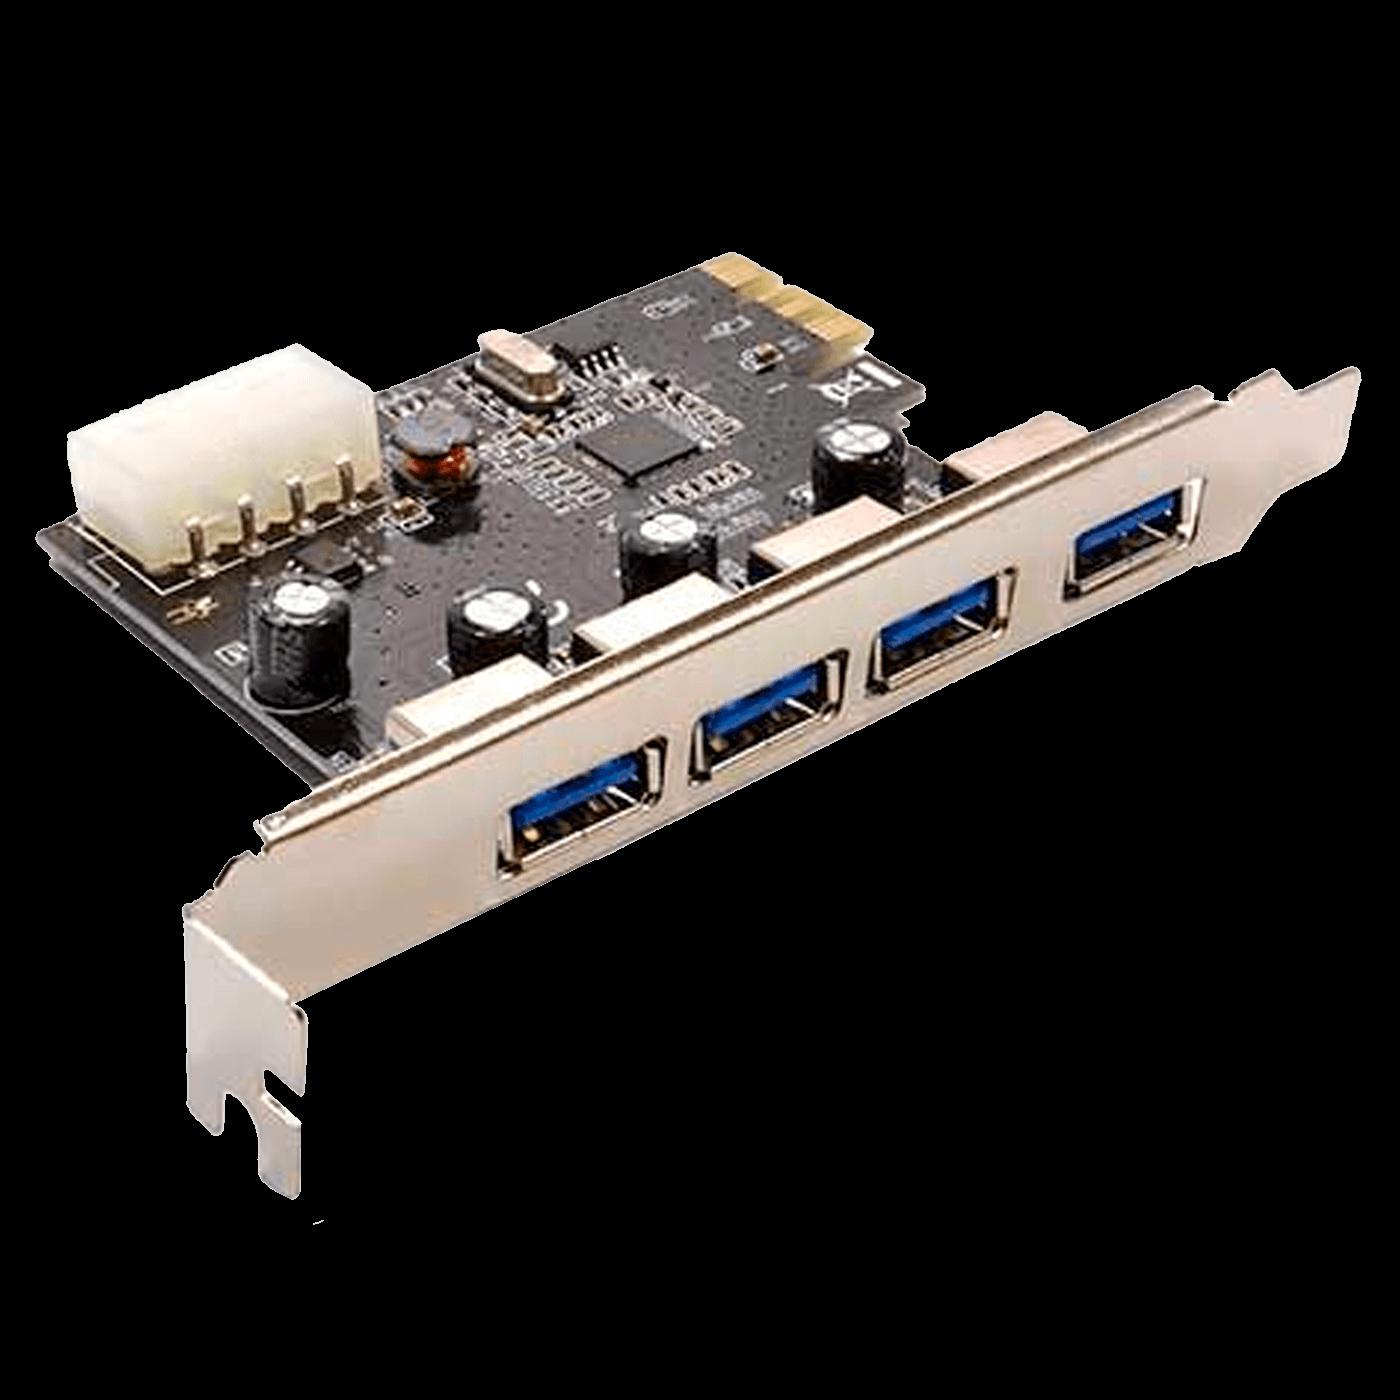 PLACA PCI EXPRESS DEX 4 PORTAS USB 3.0 DE 5GBPS, DP-43